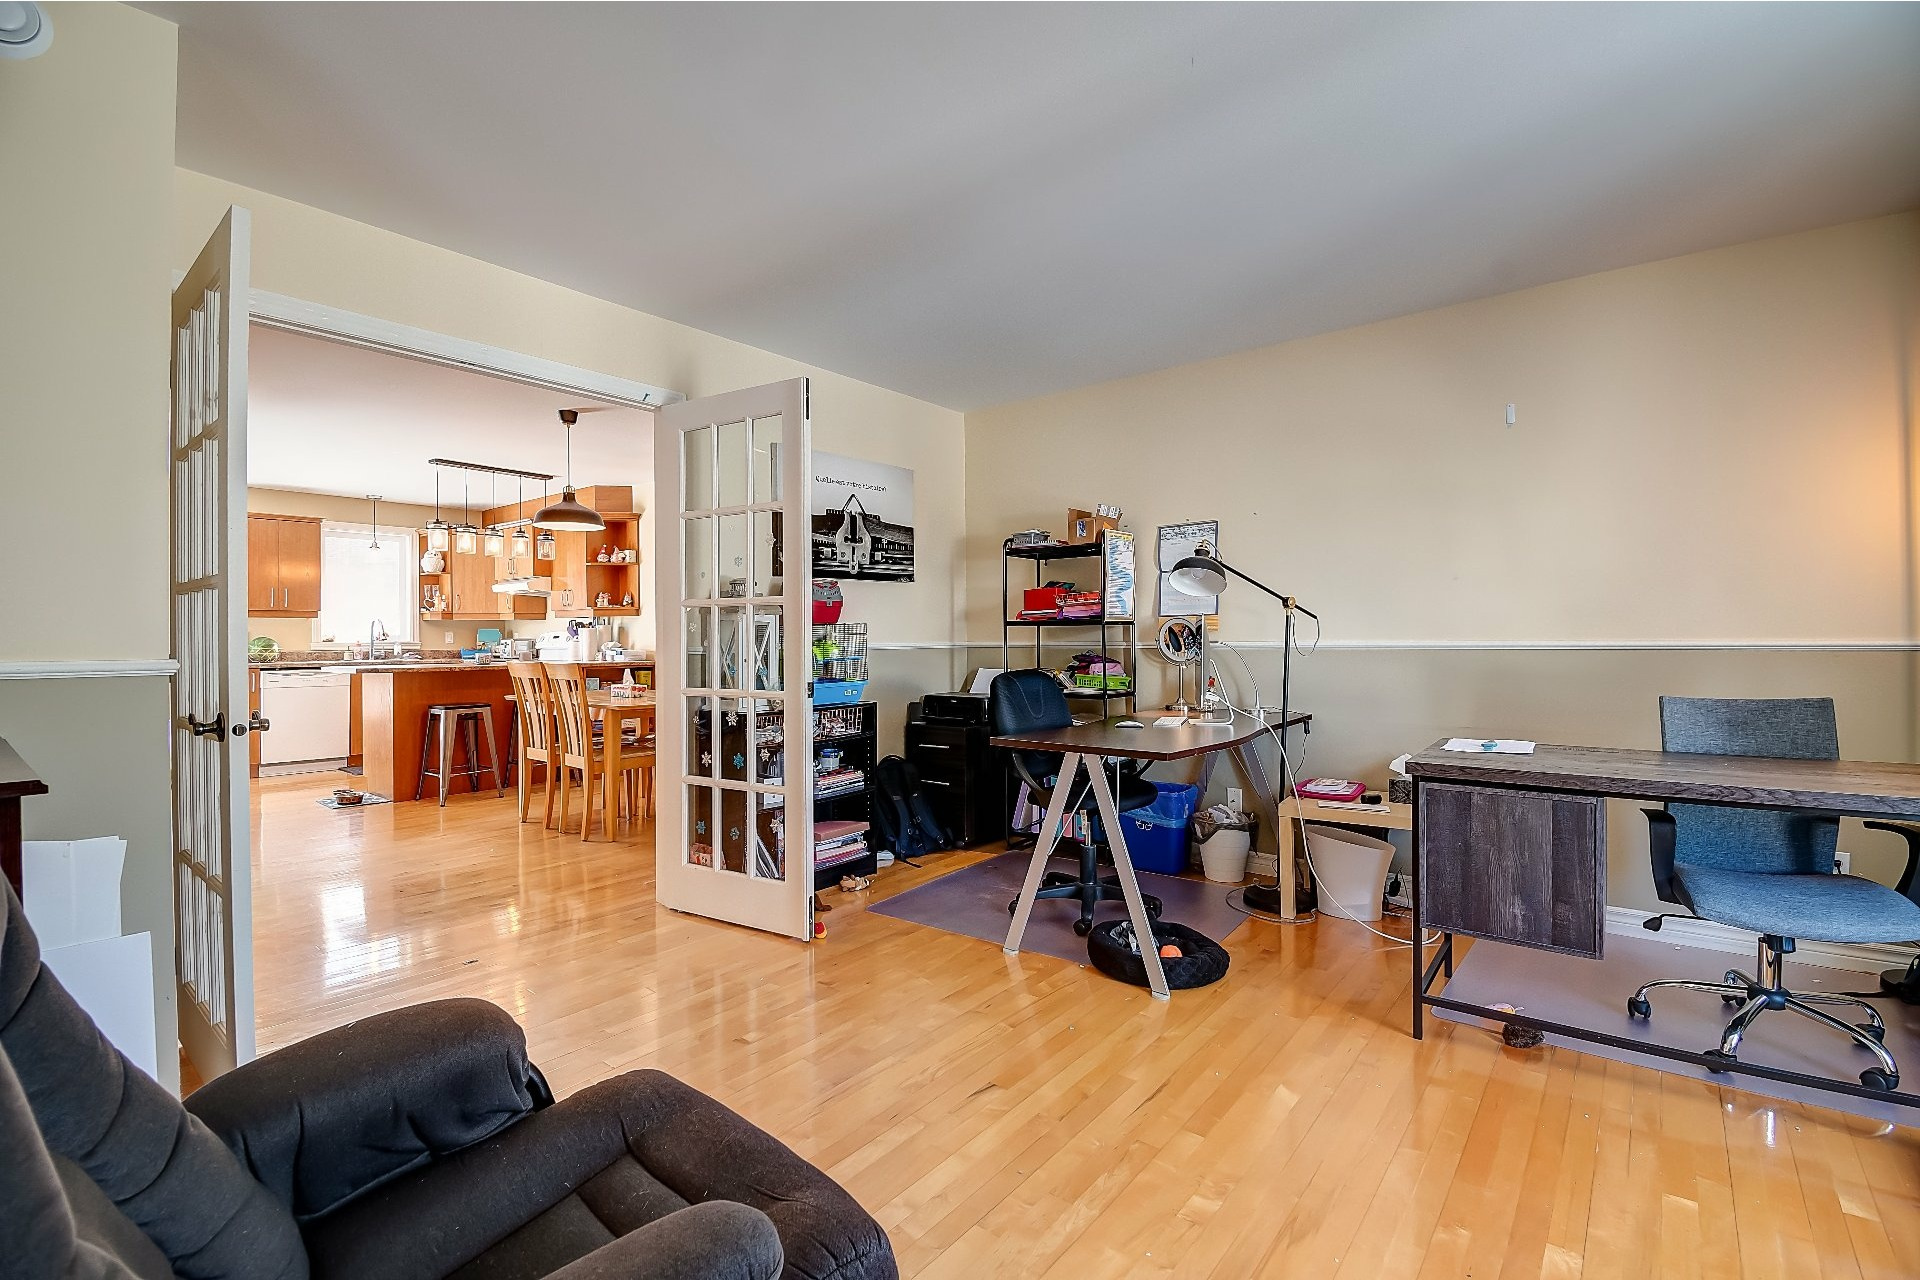 image 11 - Maison À vendre Trois-Rivières - 10 pièces